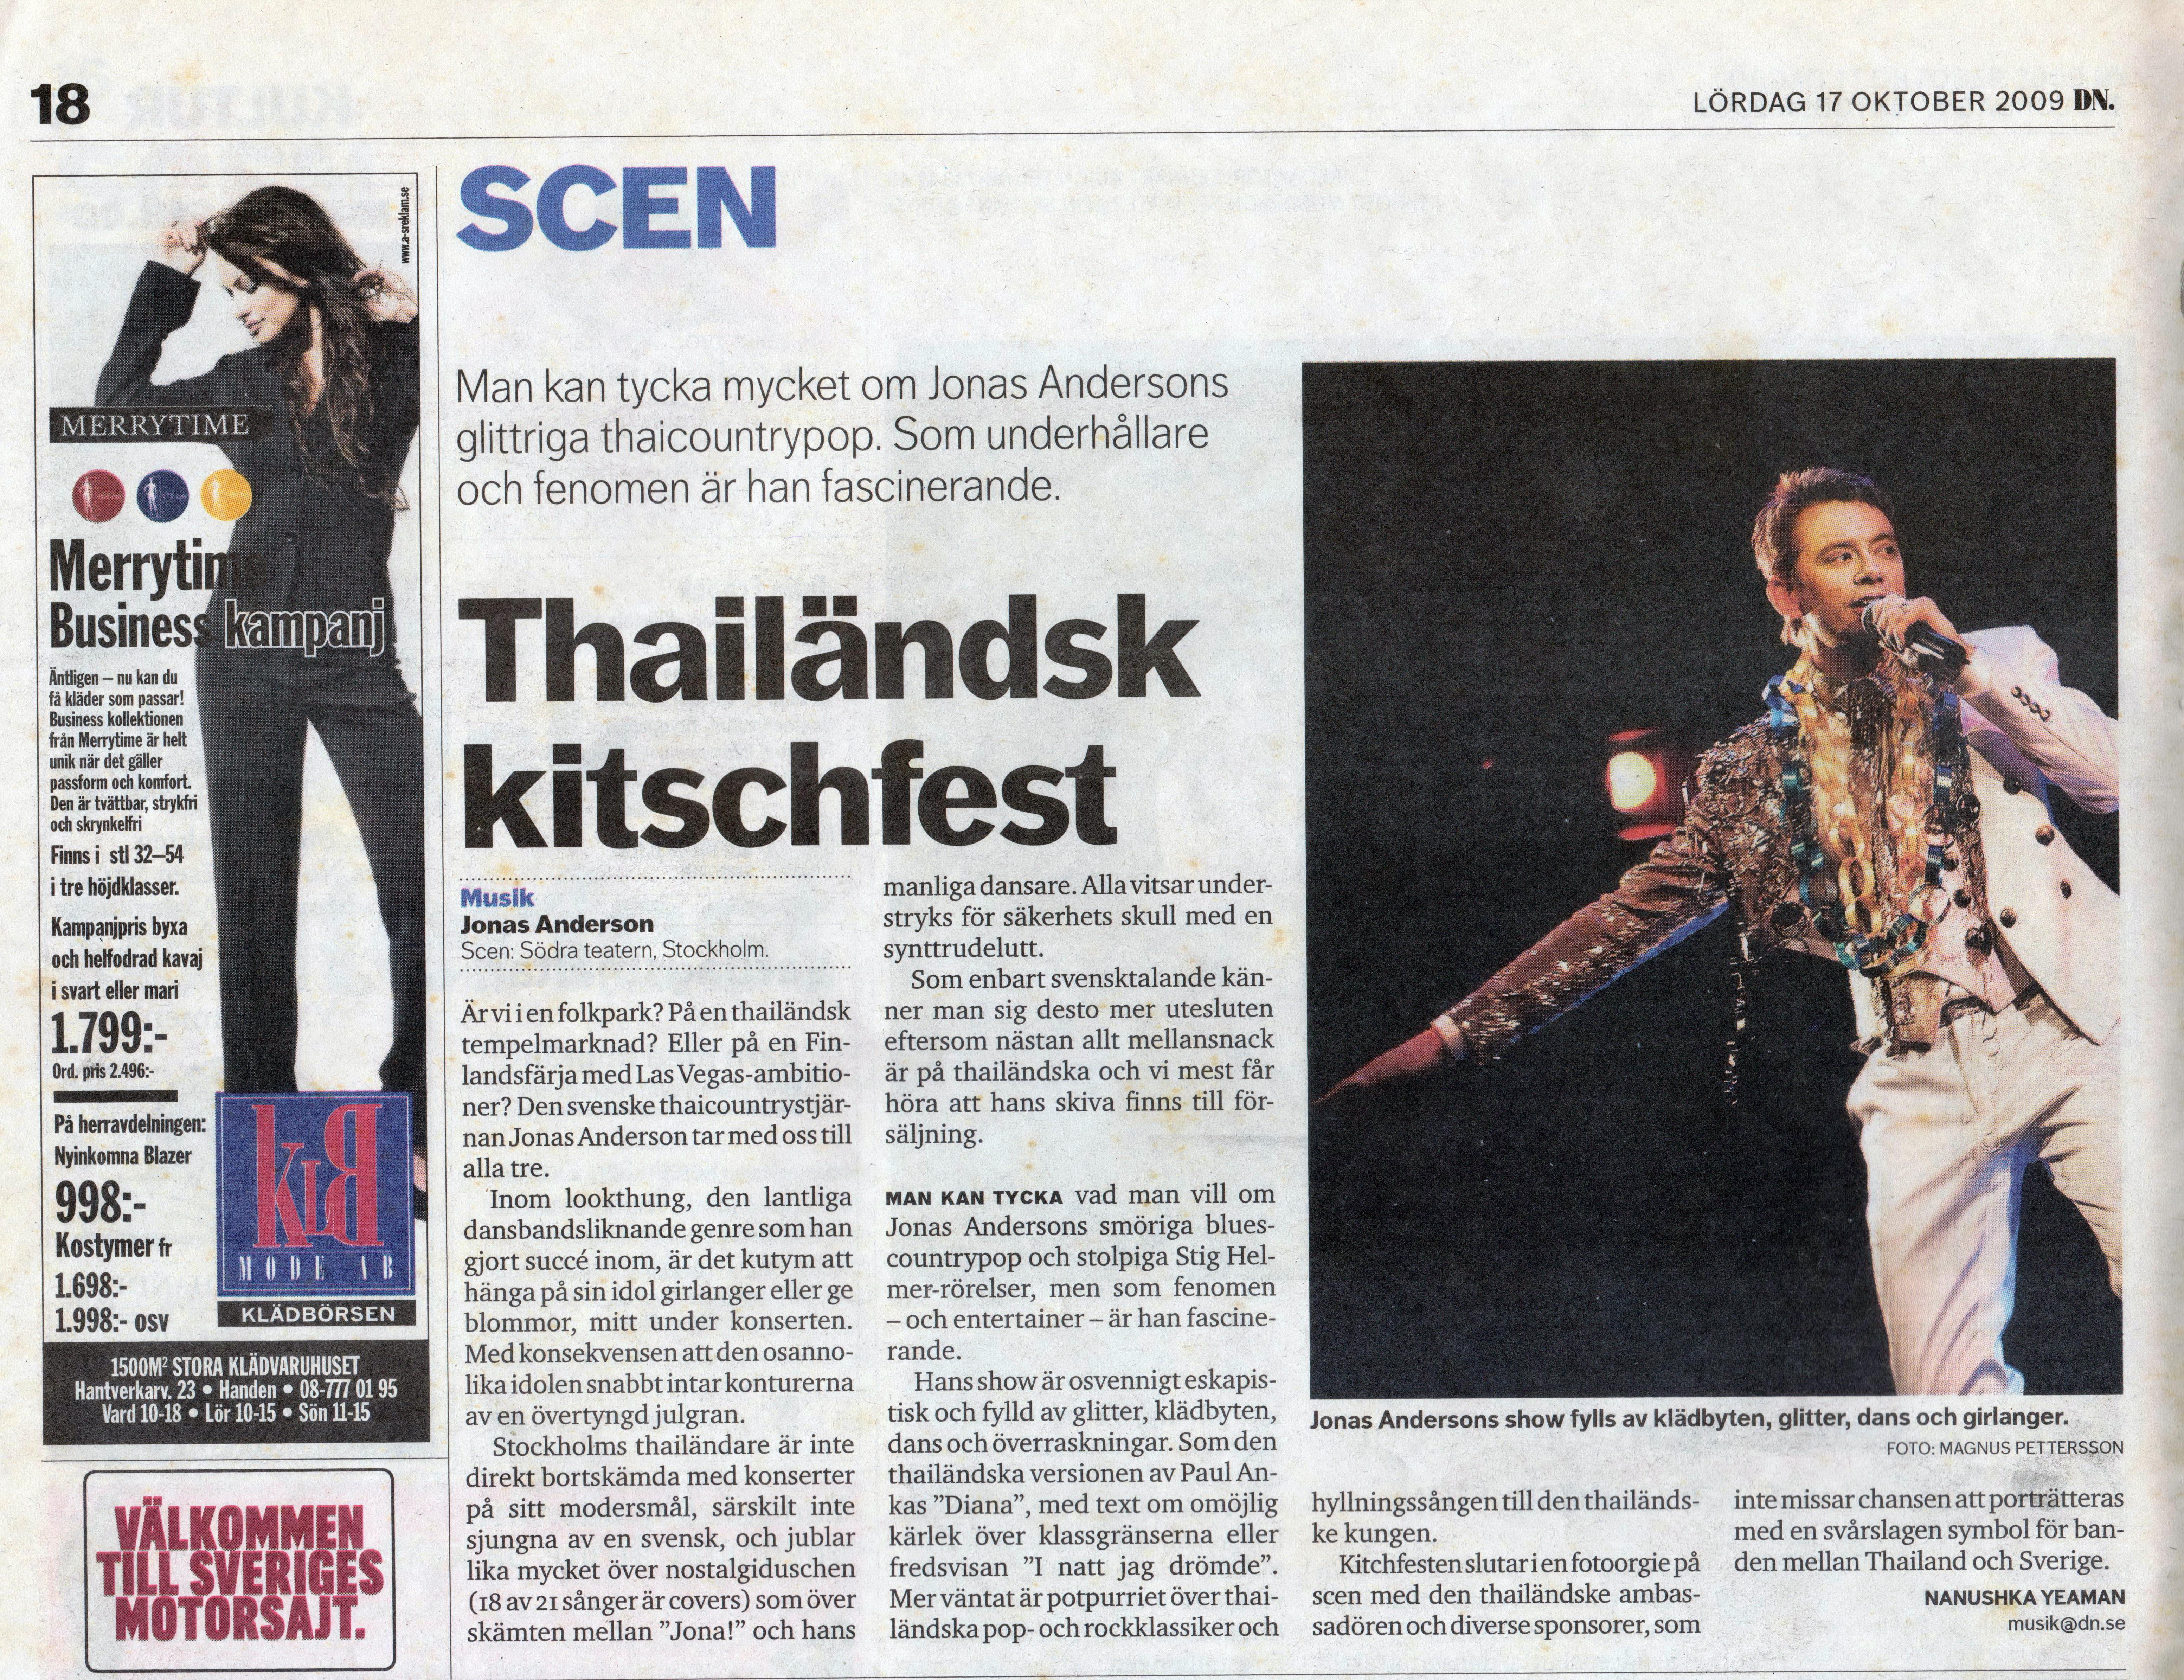 DN News Sweden